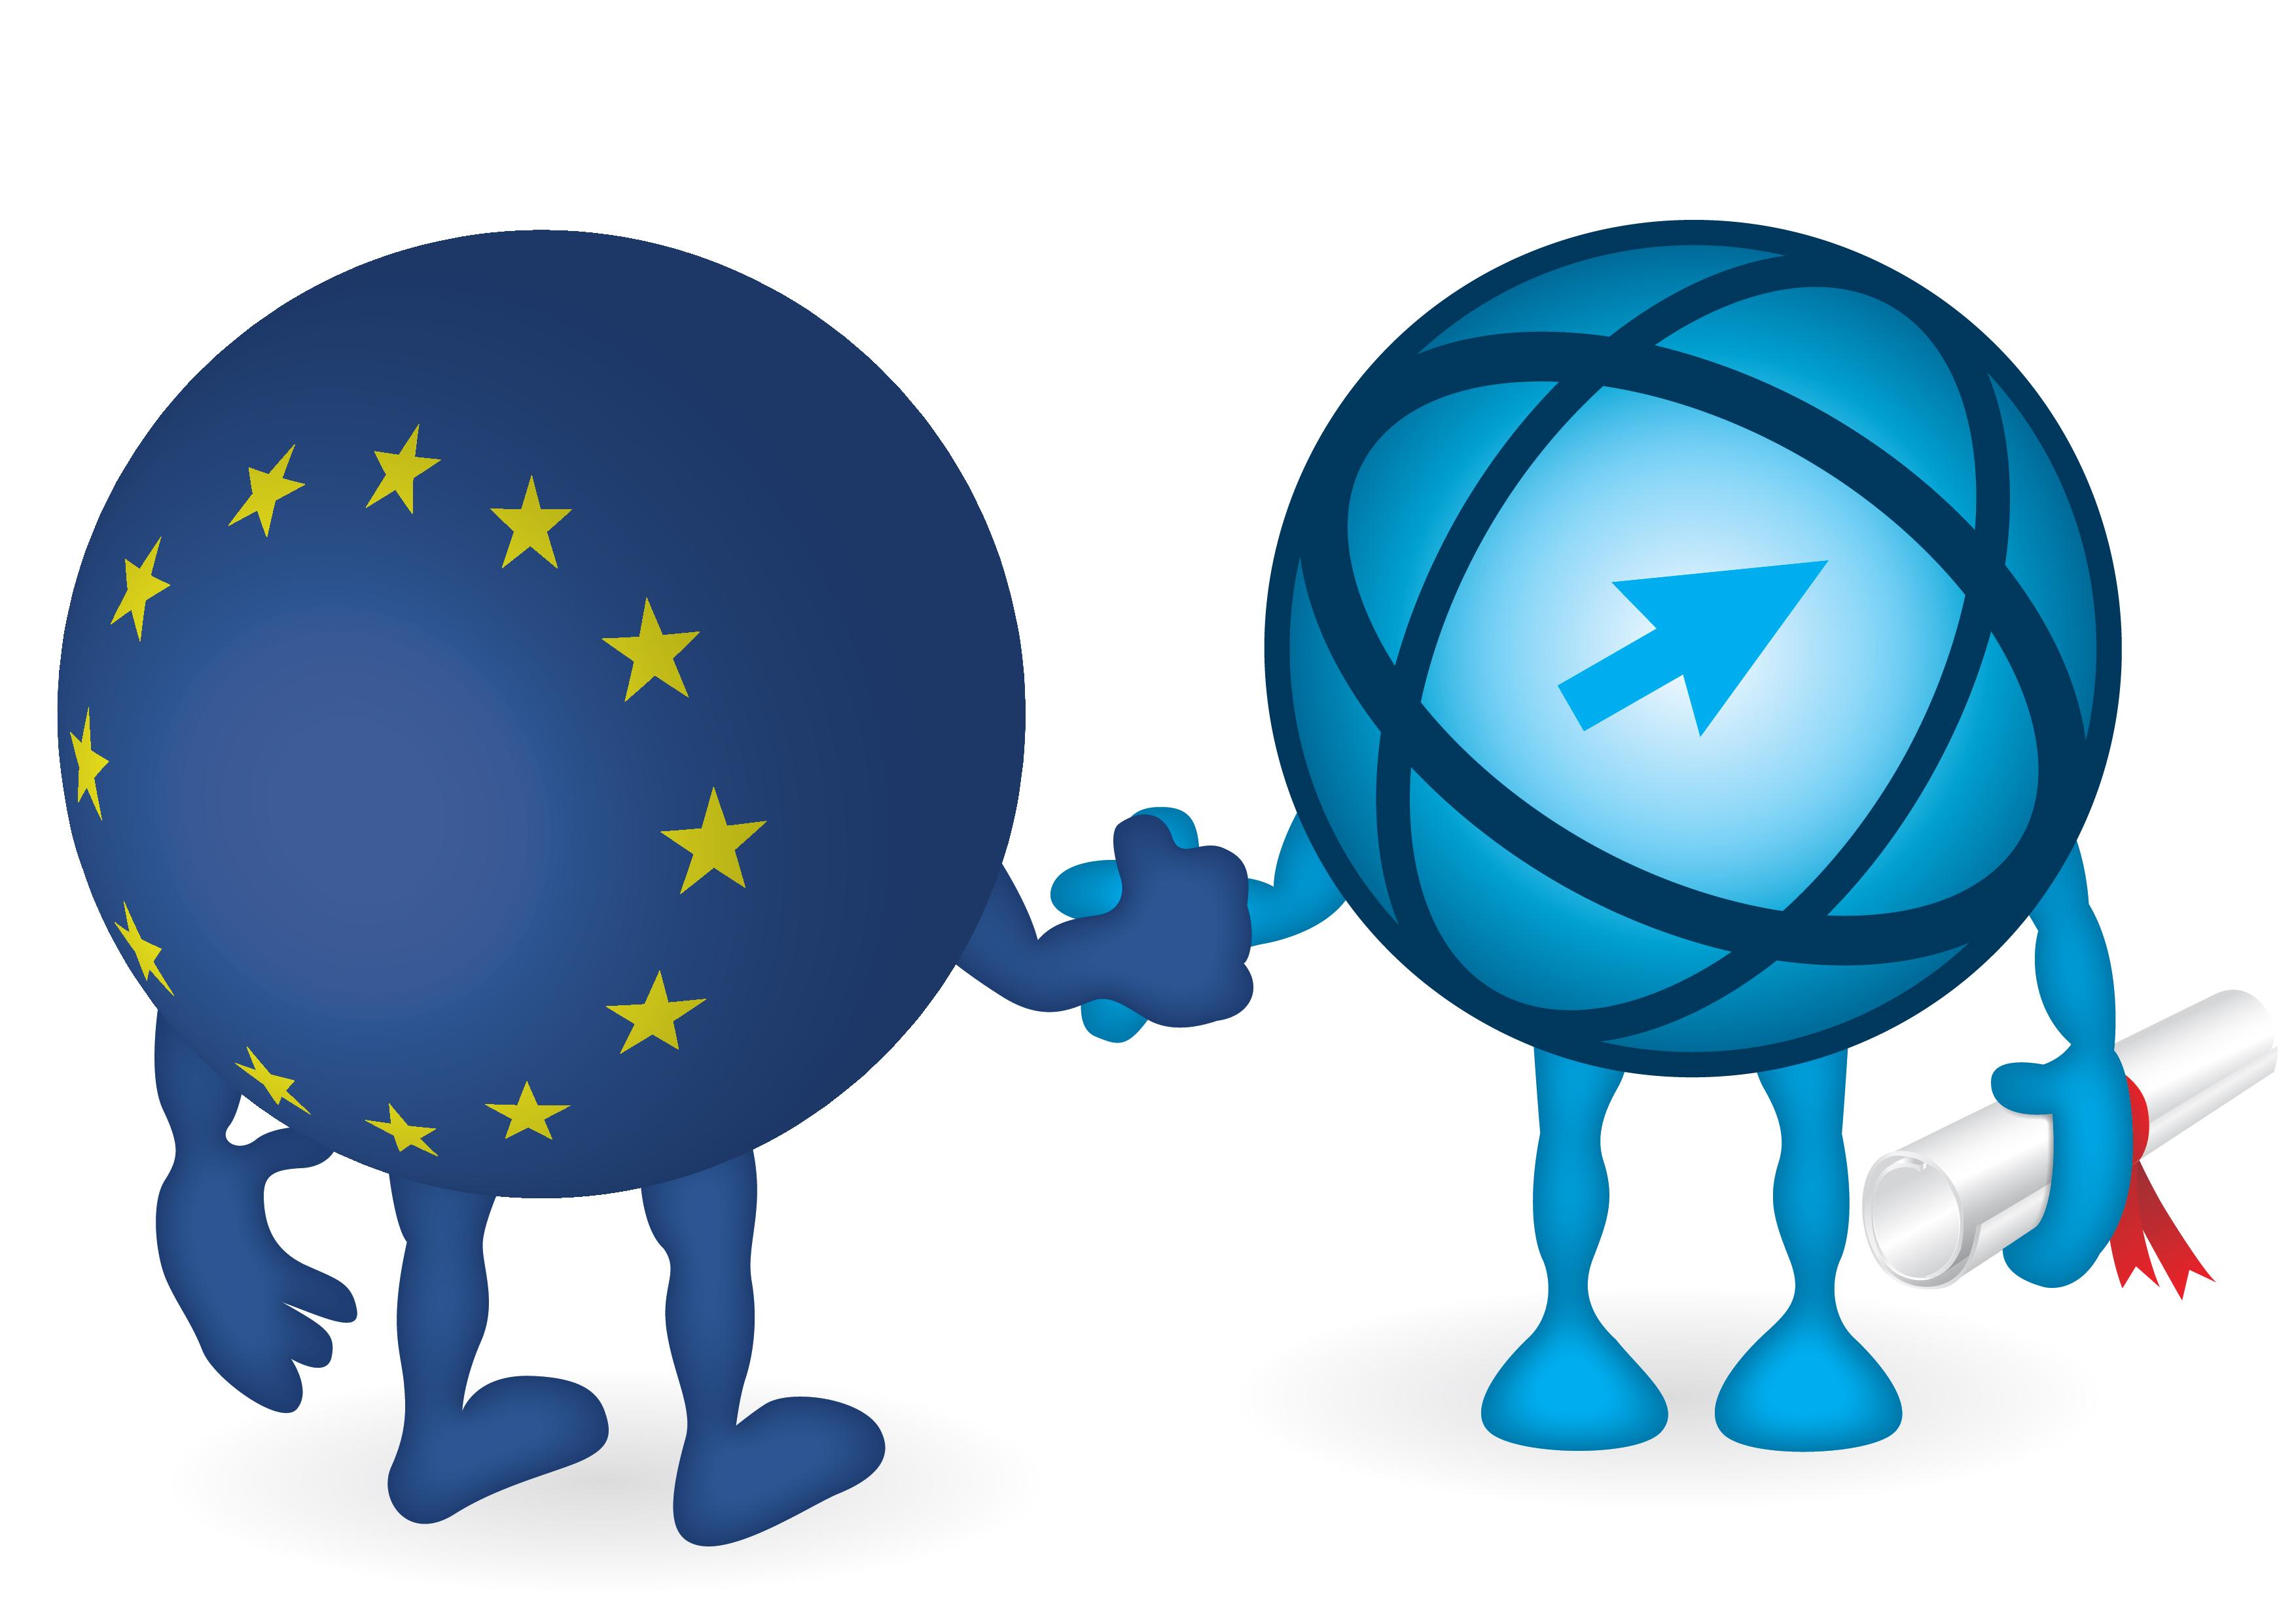 ECDL_2014_002_EU-ECDL_Globes_A4_v01-01.jpg